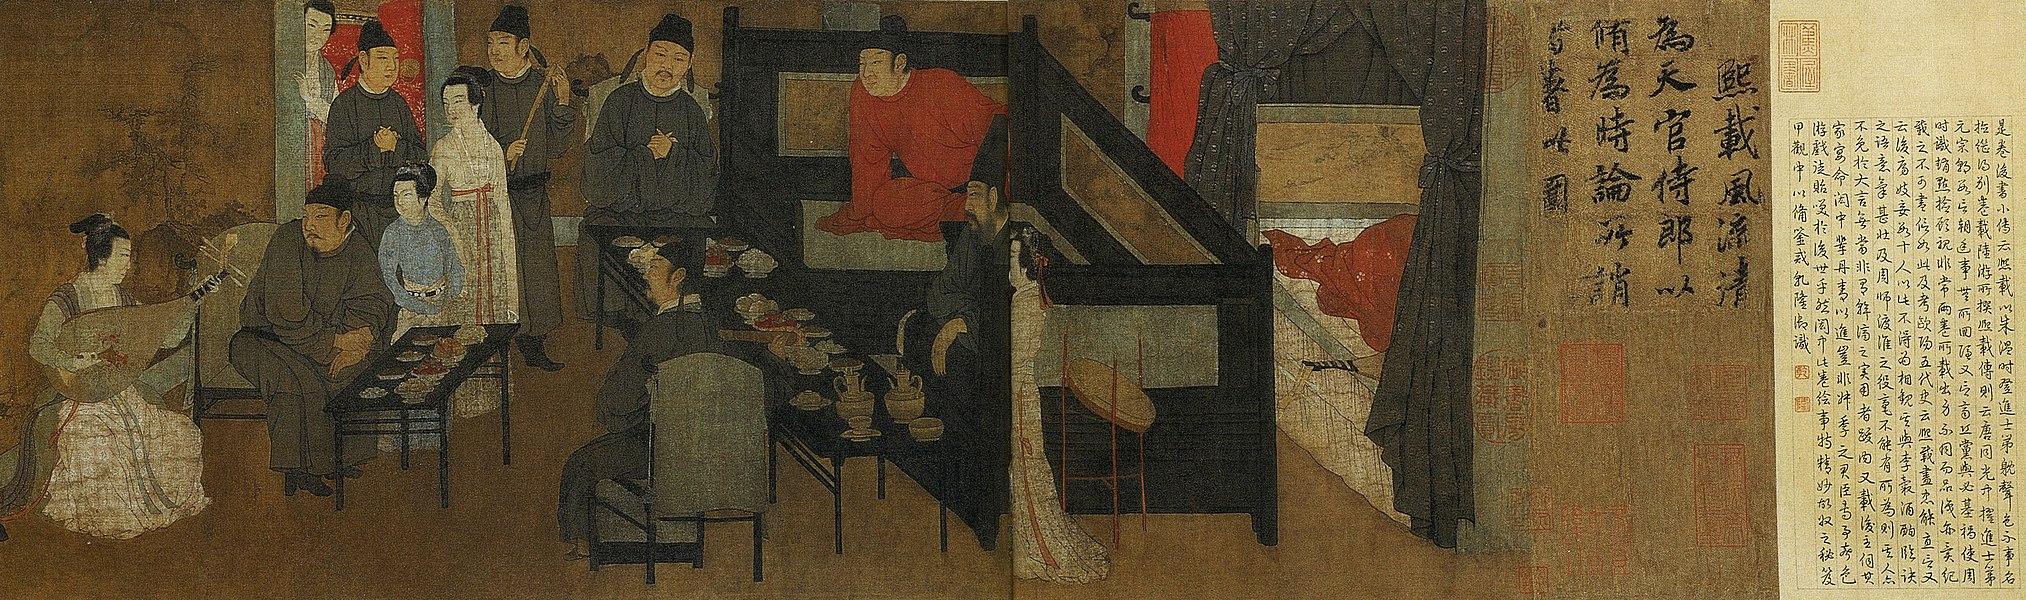 gu hongzhong - image 2